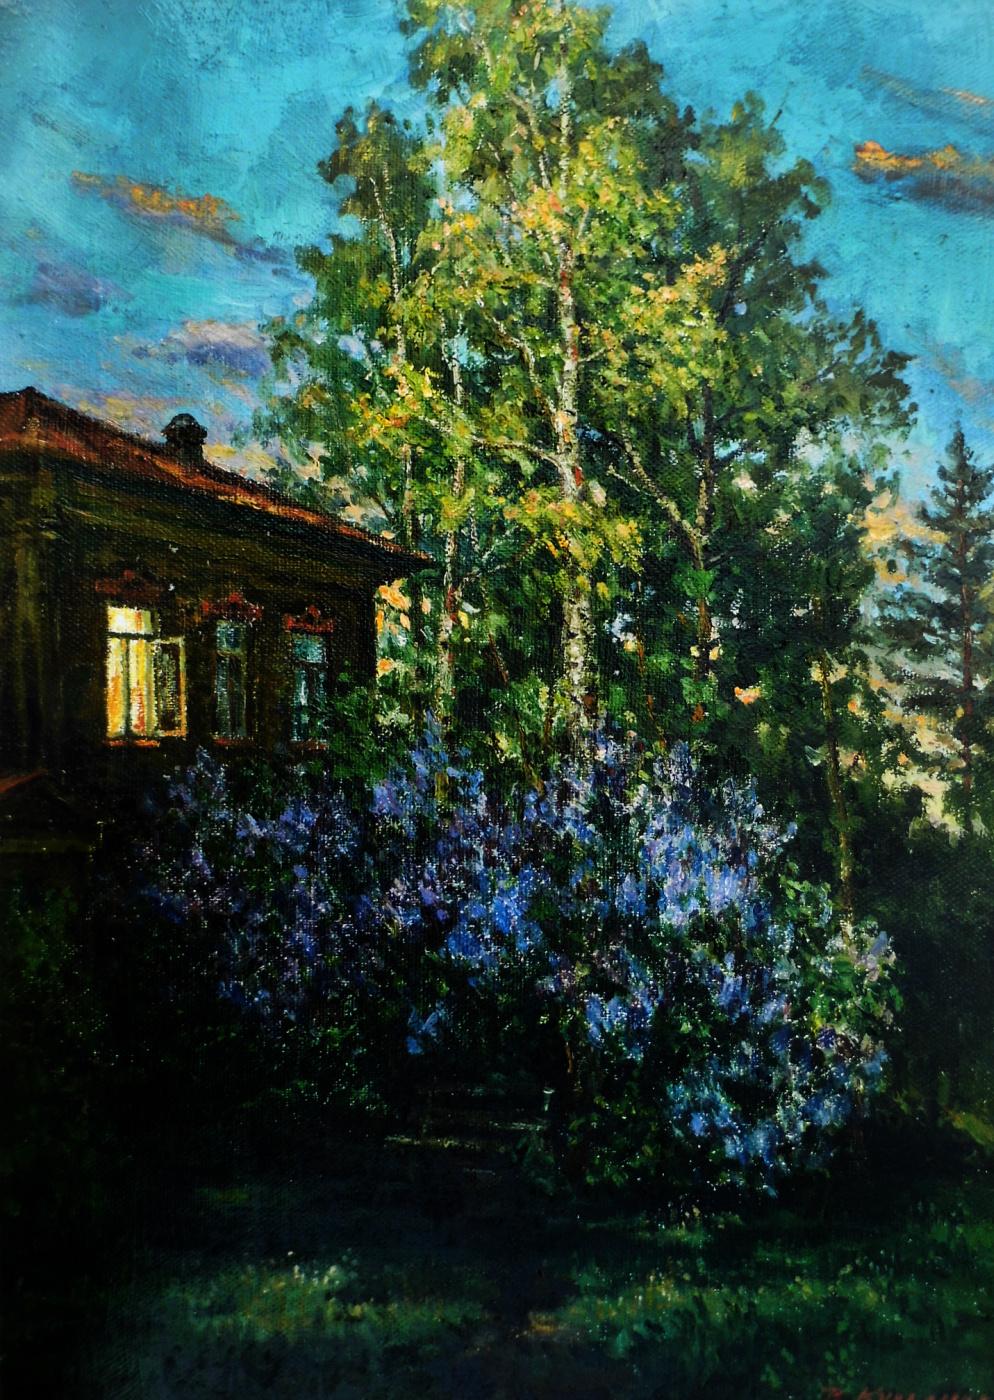 Victor Vladimirovich Kuryanov. Nightingale echo